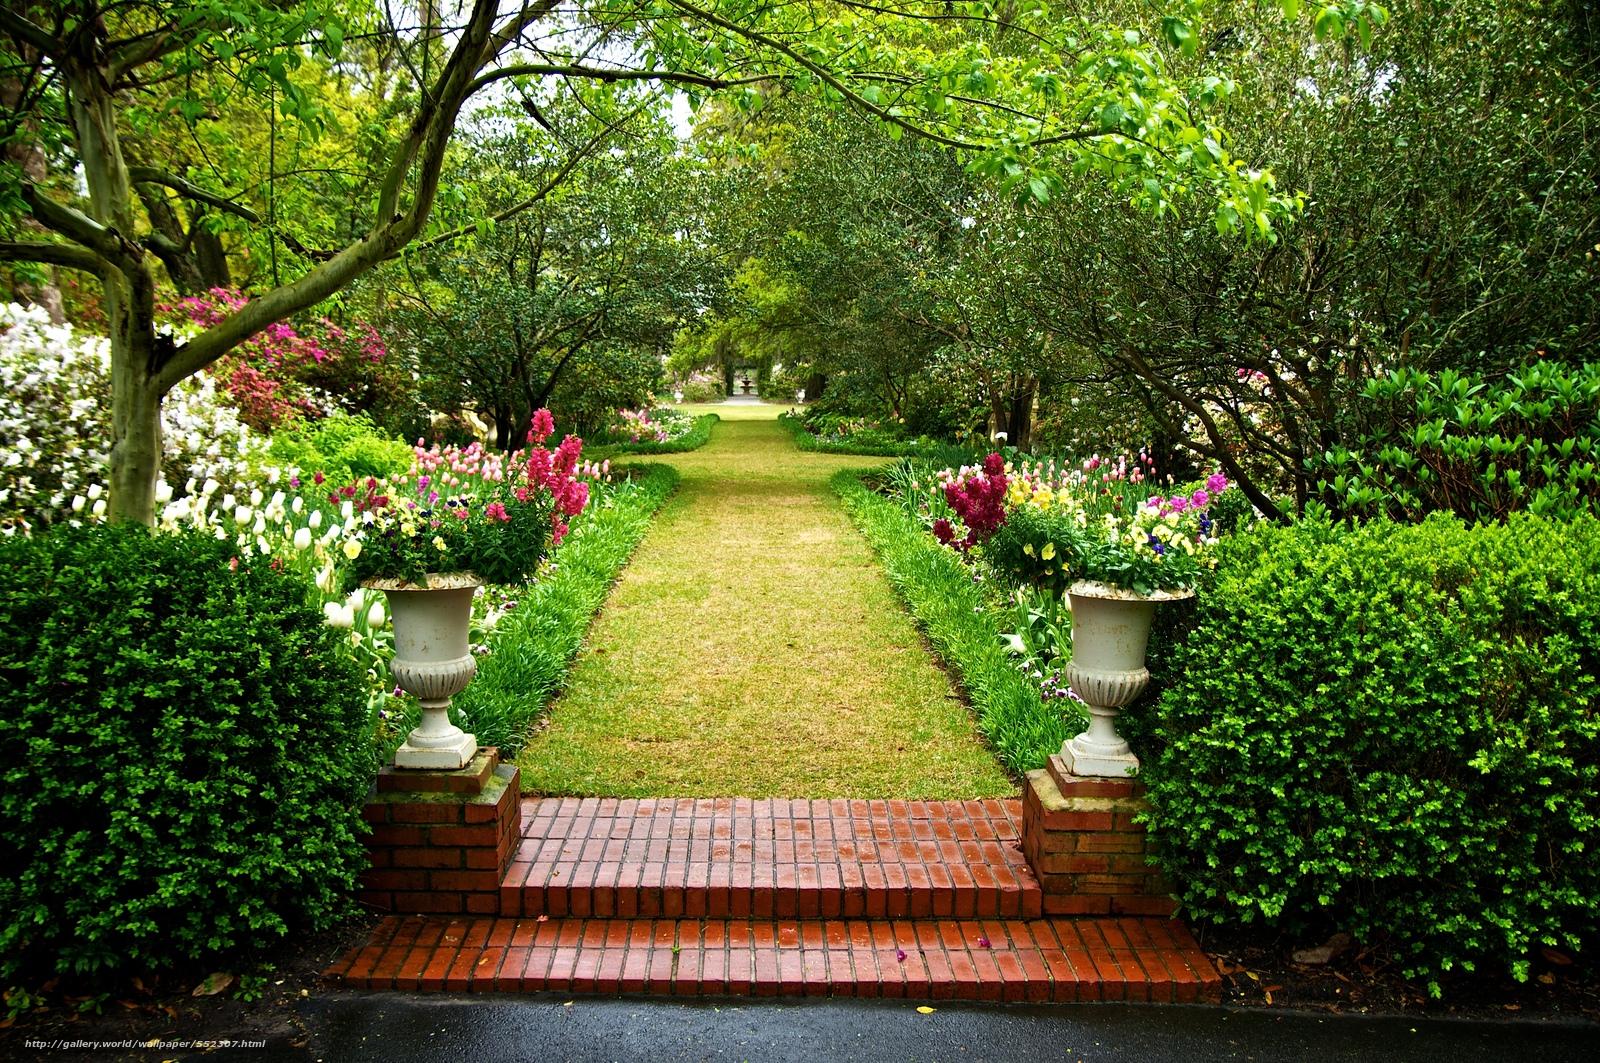 Descargar gratis jard n rboles flores paisaje fondos for Arboles con flores para jardin